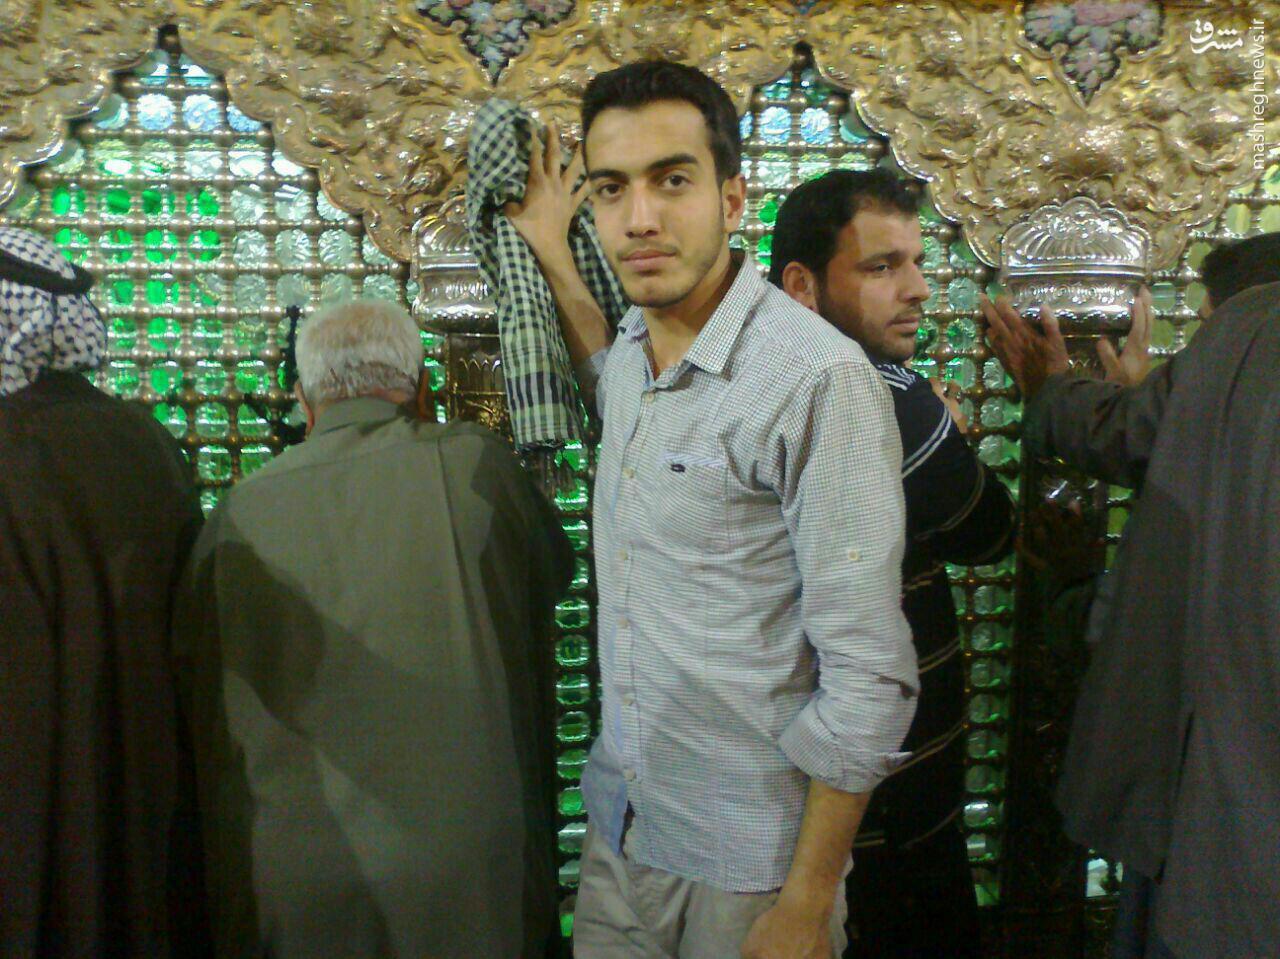 پیکر عاشق عباس (ع) بدون دست و چشم از کربلای سوریه بازگشت +تصاویر